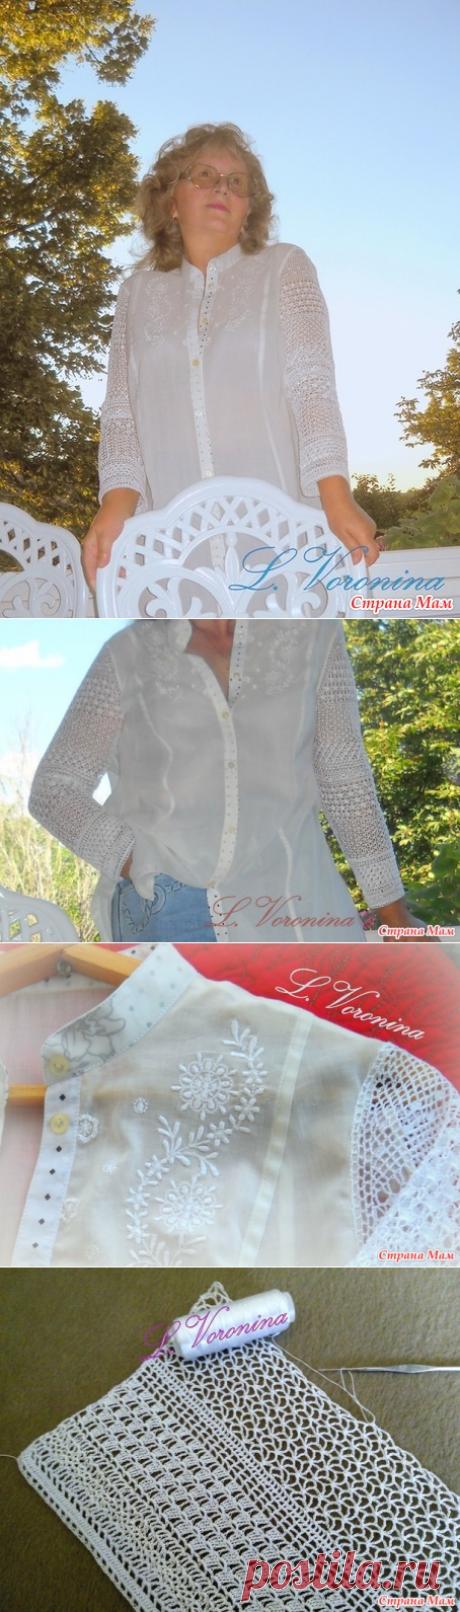 . Туника-рубашка с вязанными крючком рукавами - Прозрачный намёк - Вязание - Страна Мам